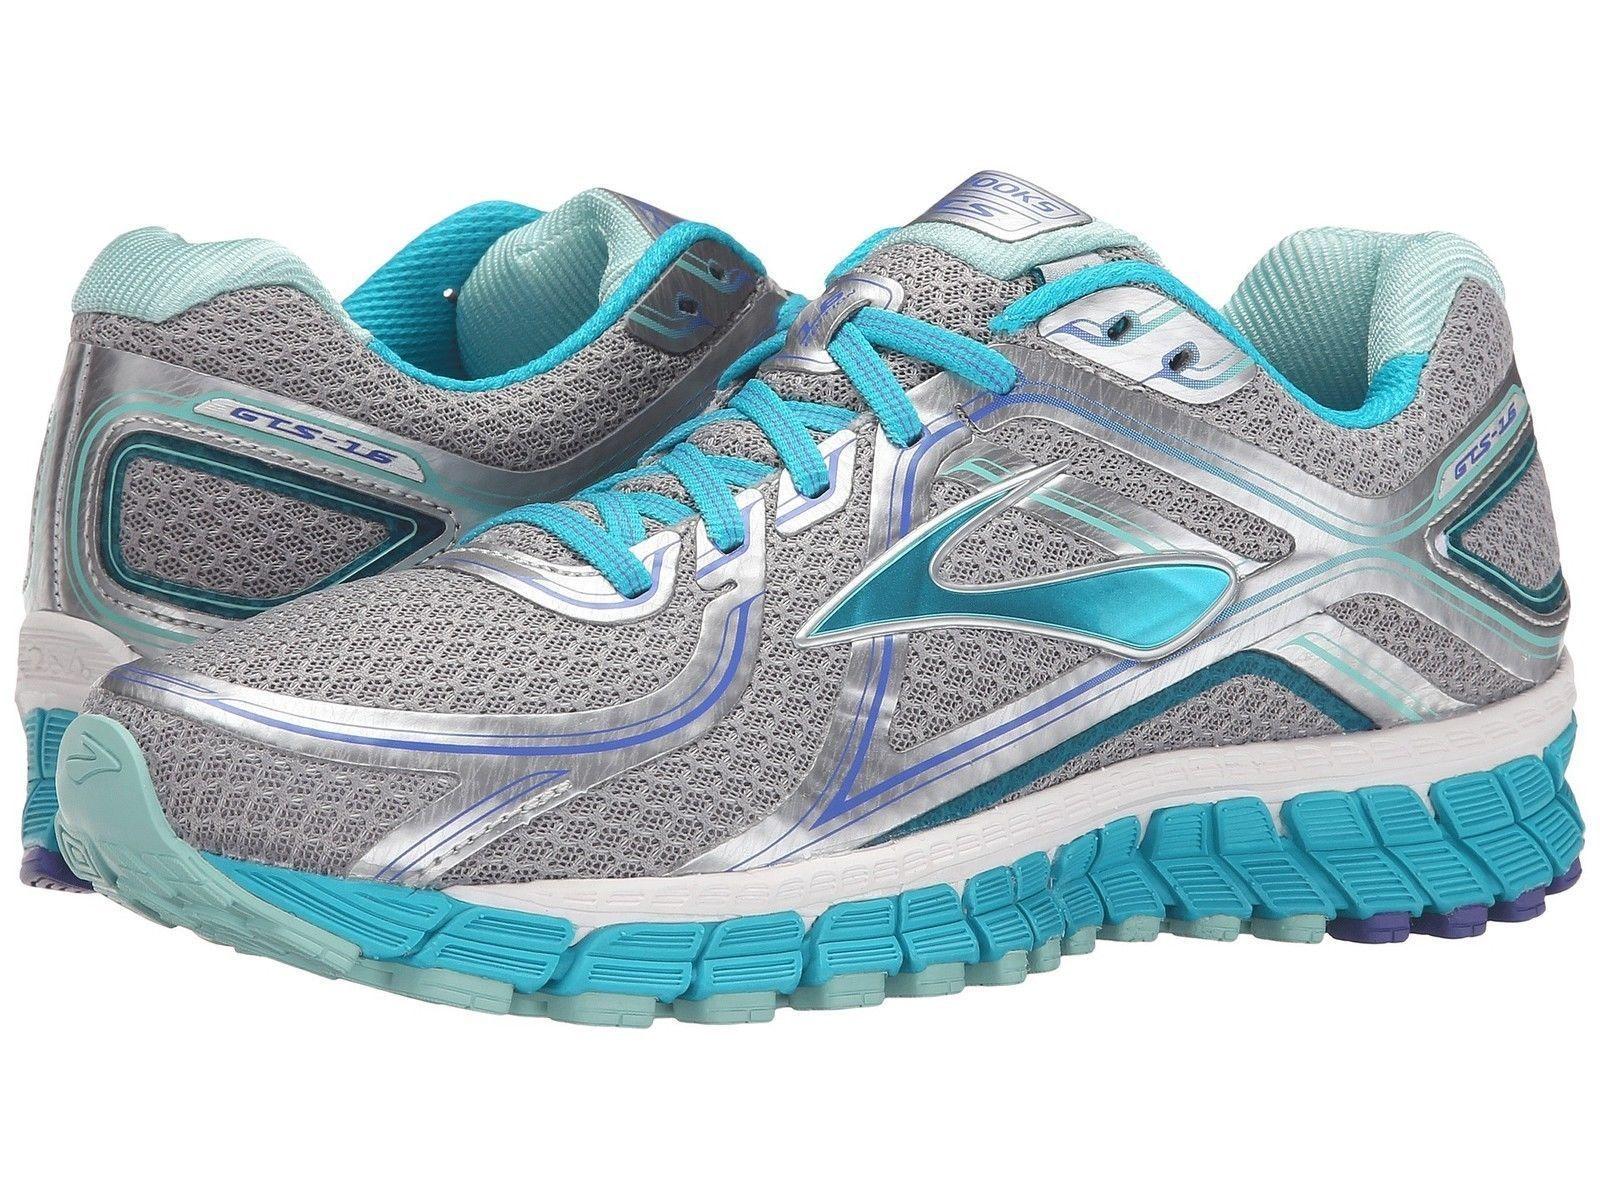 bdd864beef7 Womens Brooks Adrenaline GTS 16 Running Shoes Silver Bluebird BlueTint Wide  D